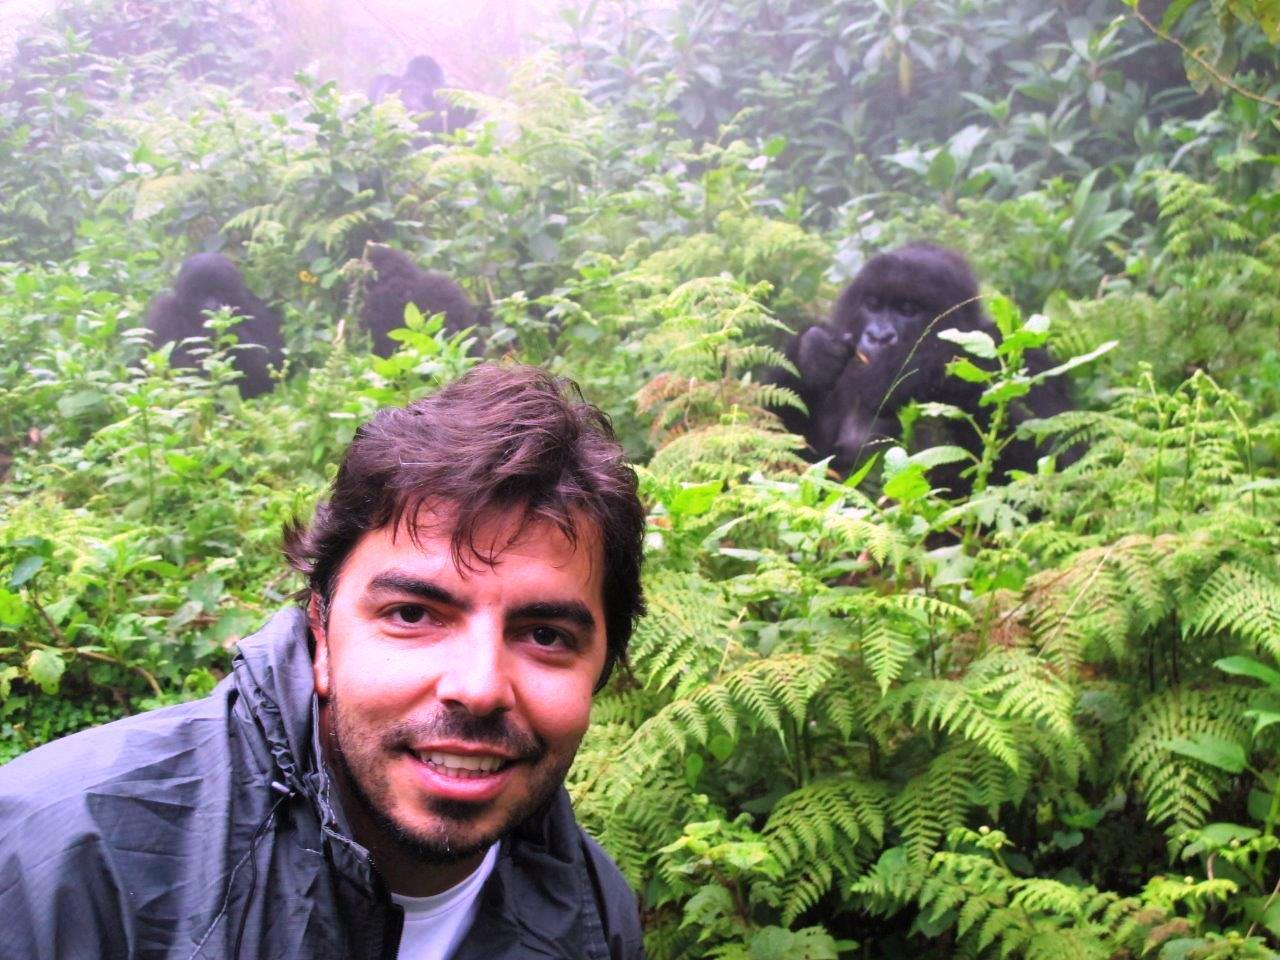 Turismo em ruanda além dos gorilas